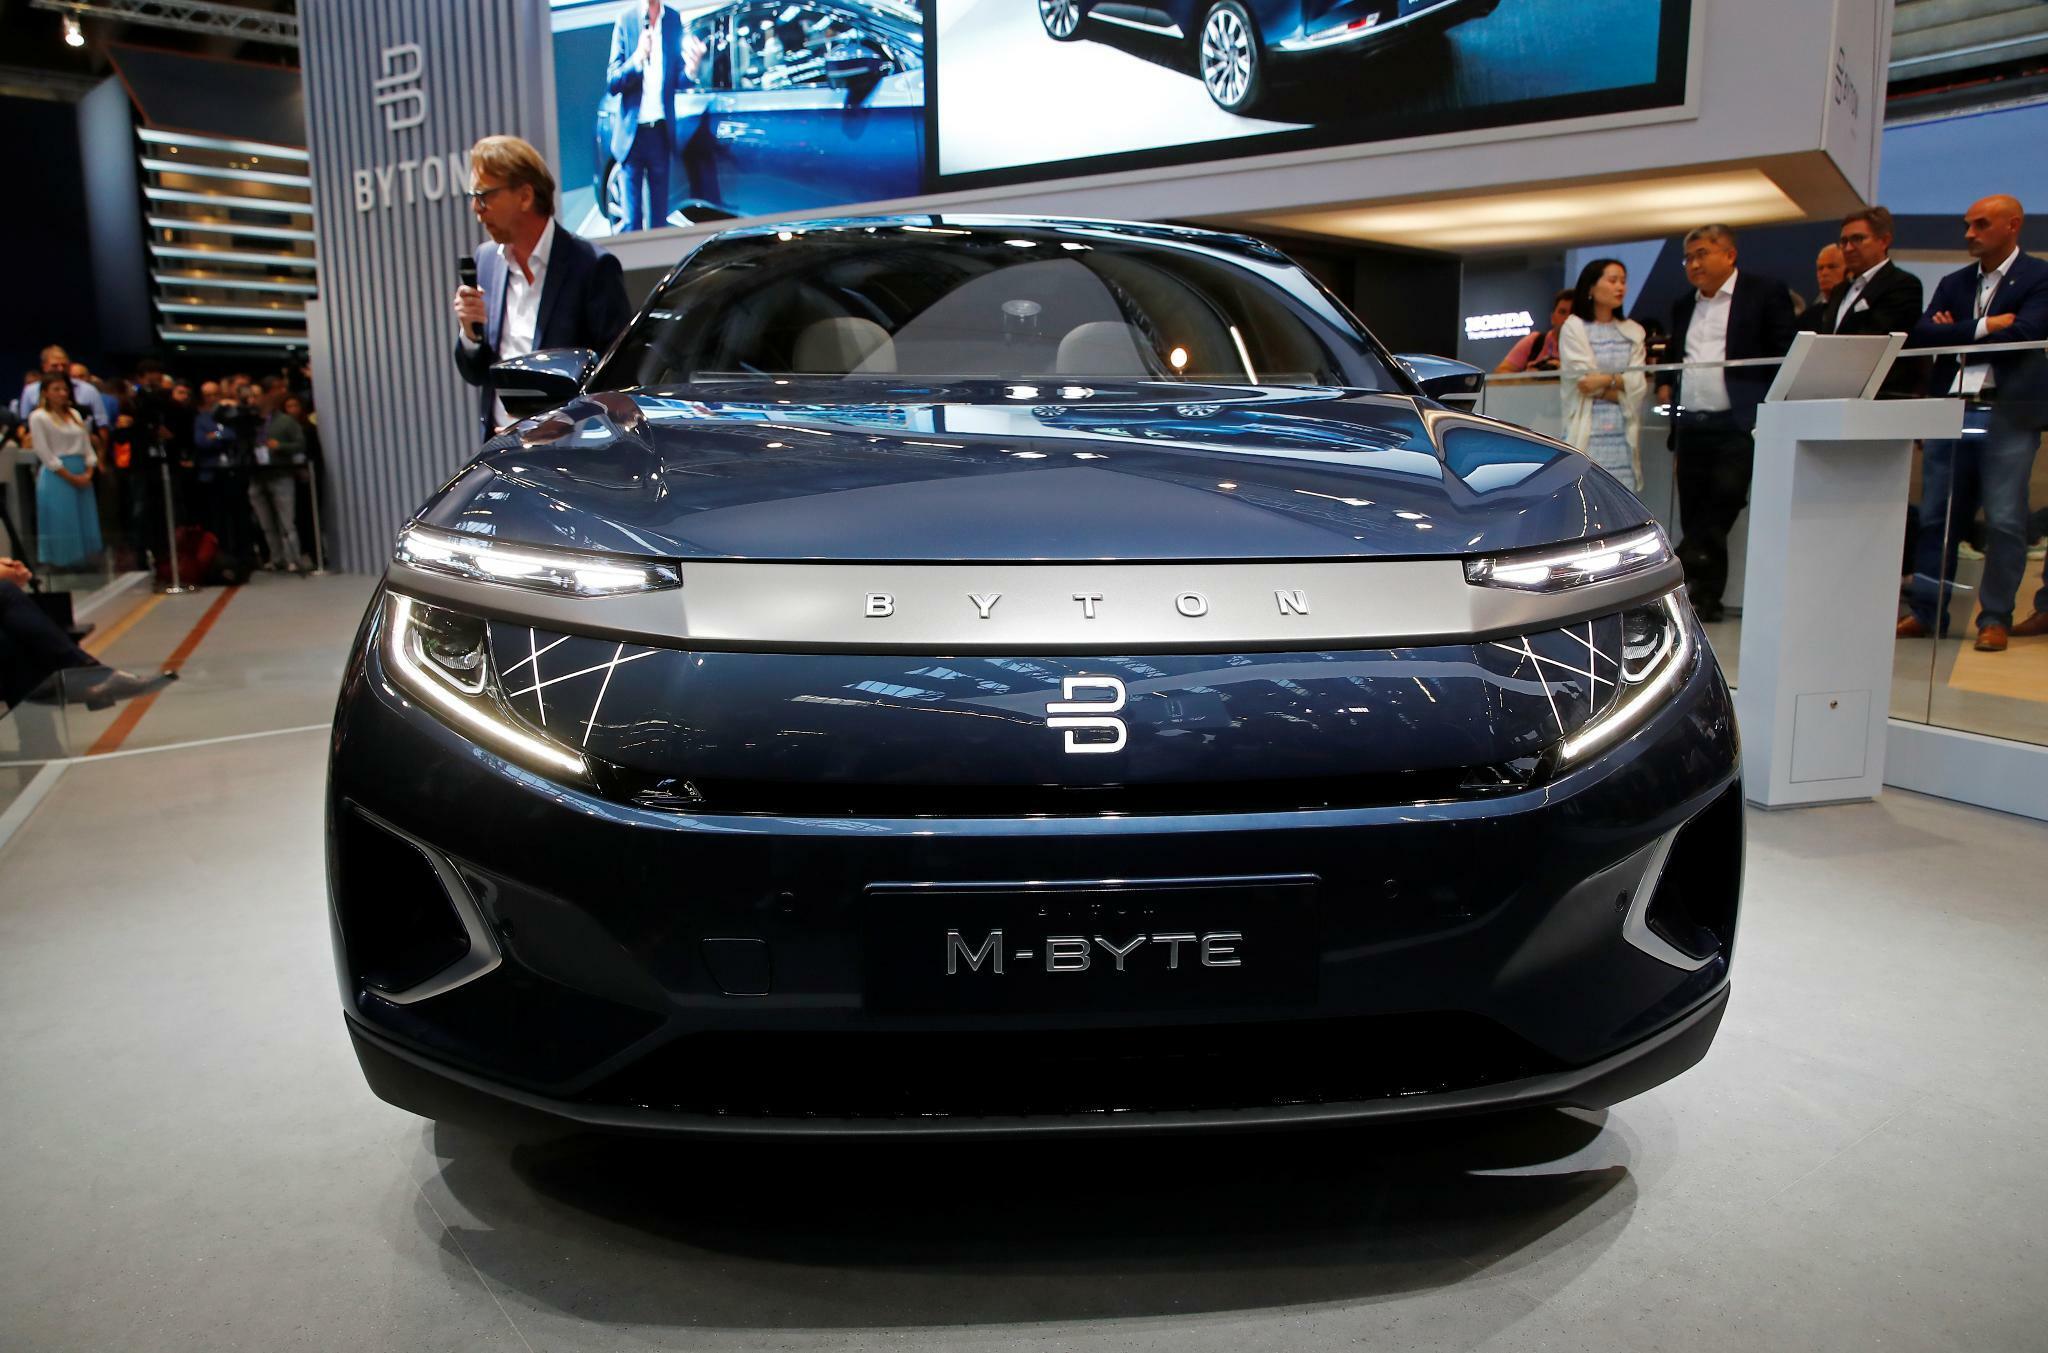 M-Byte: Byton stellt erstes Serienmodell mit Riesen-Display vor